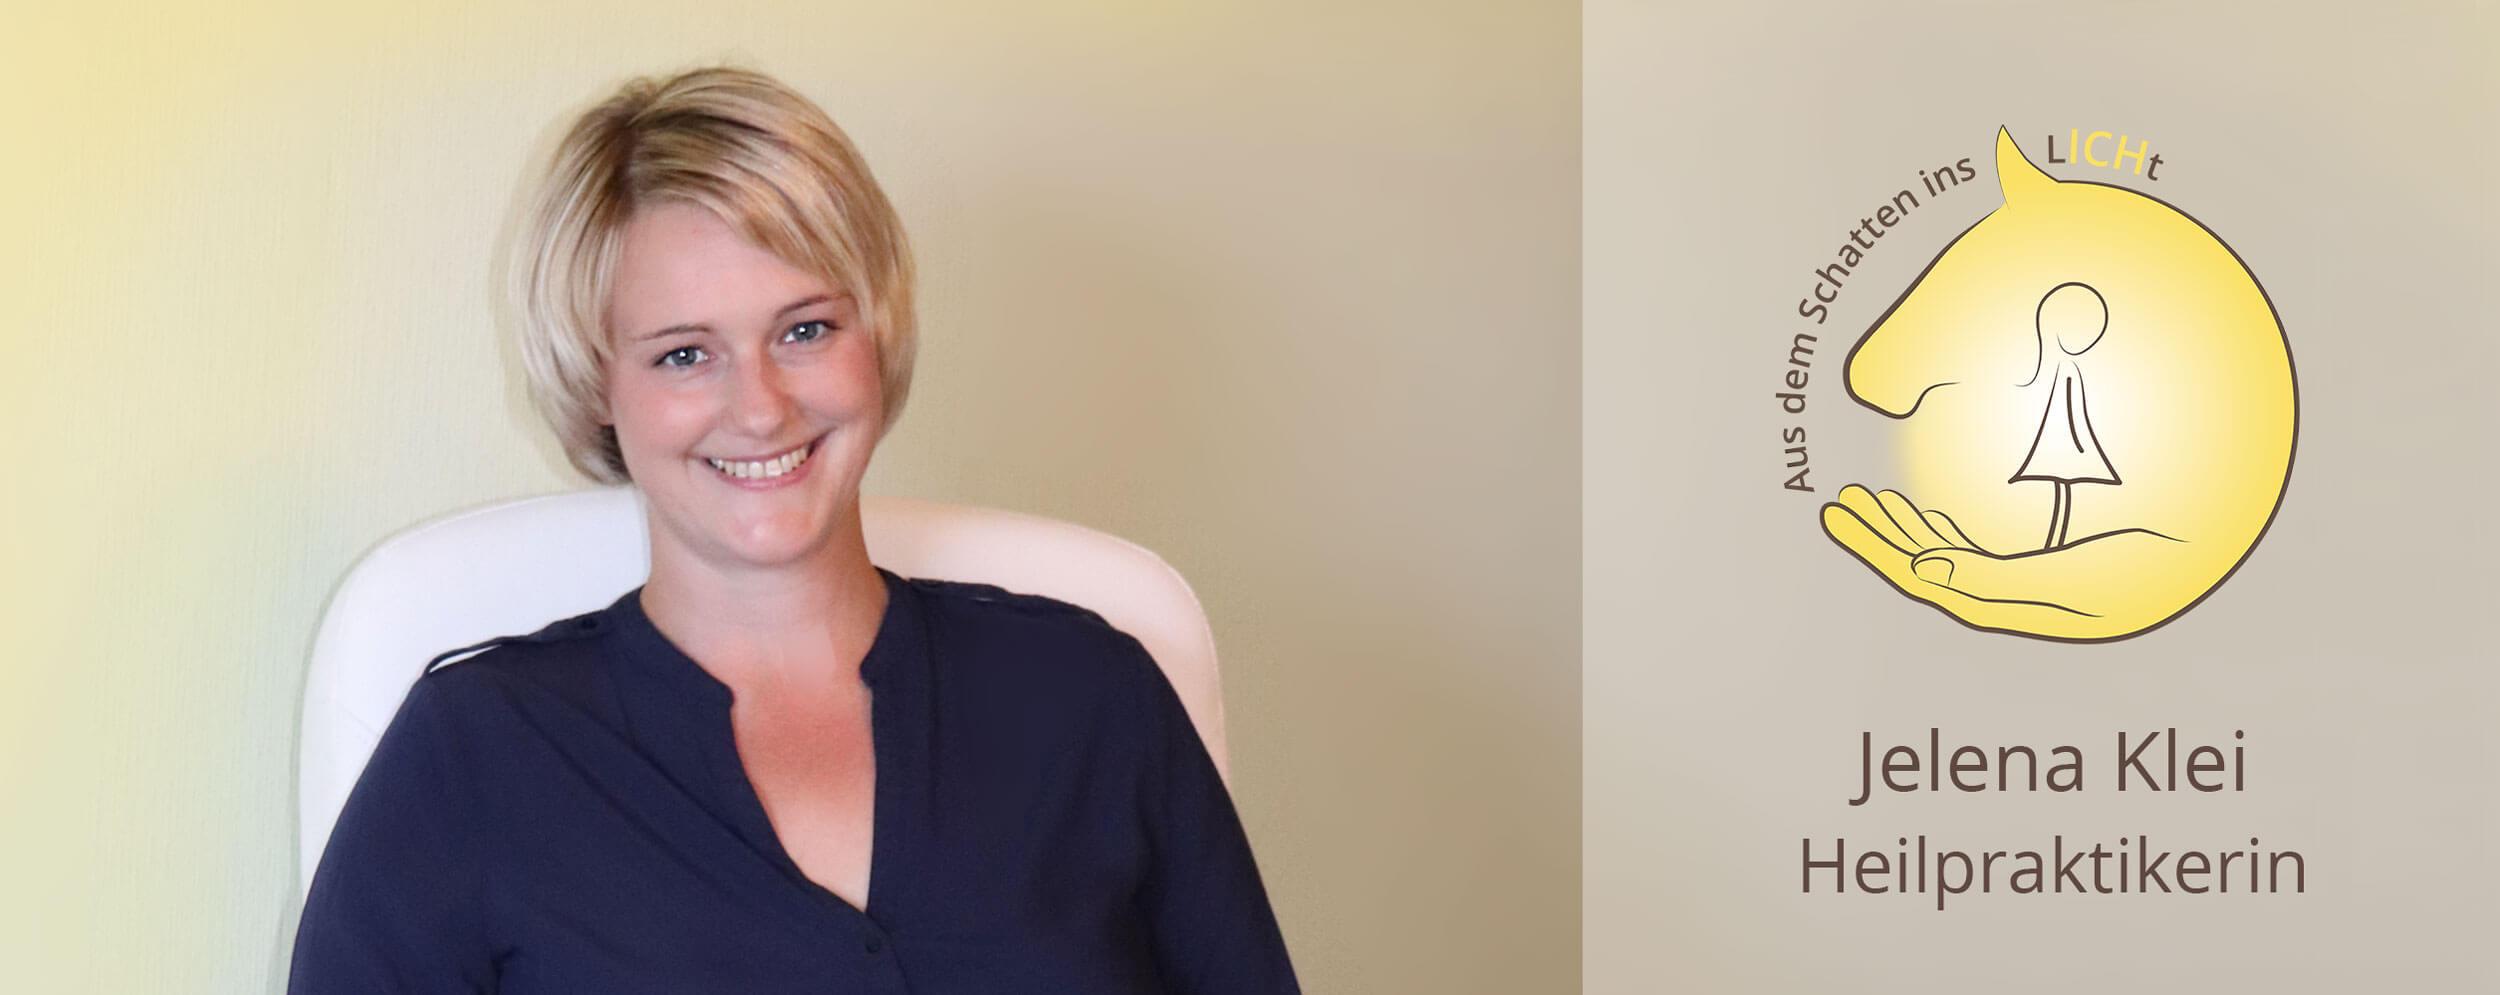 Jelena Klei | Heilpraktikerin in Wittlich